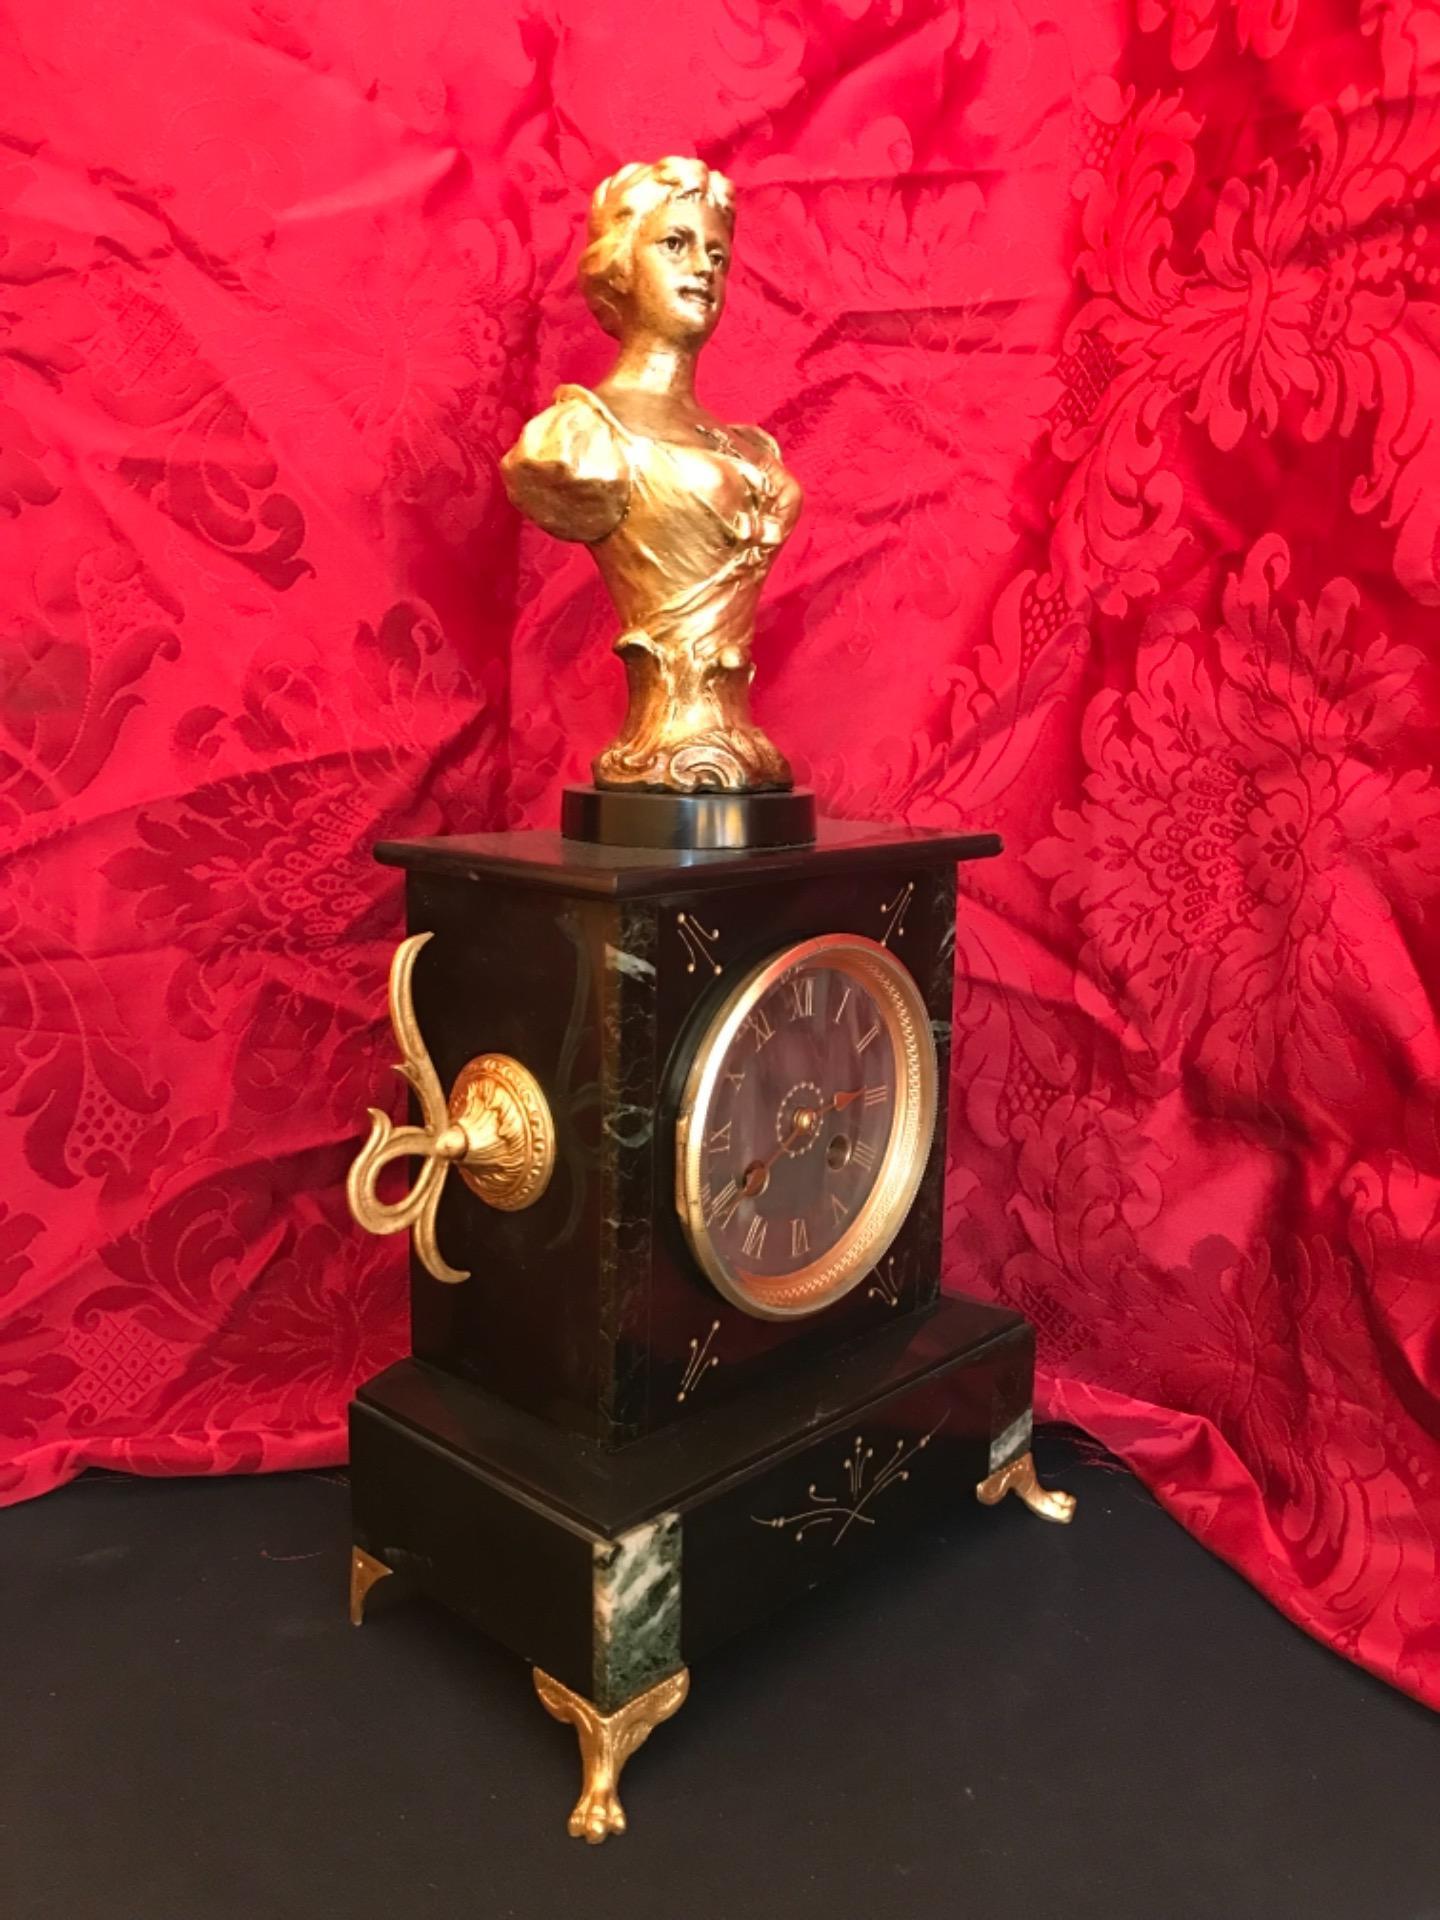 thumb4|Orologio a pendolo con scultura firmata Mestais